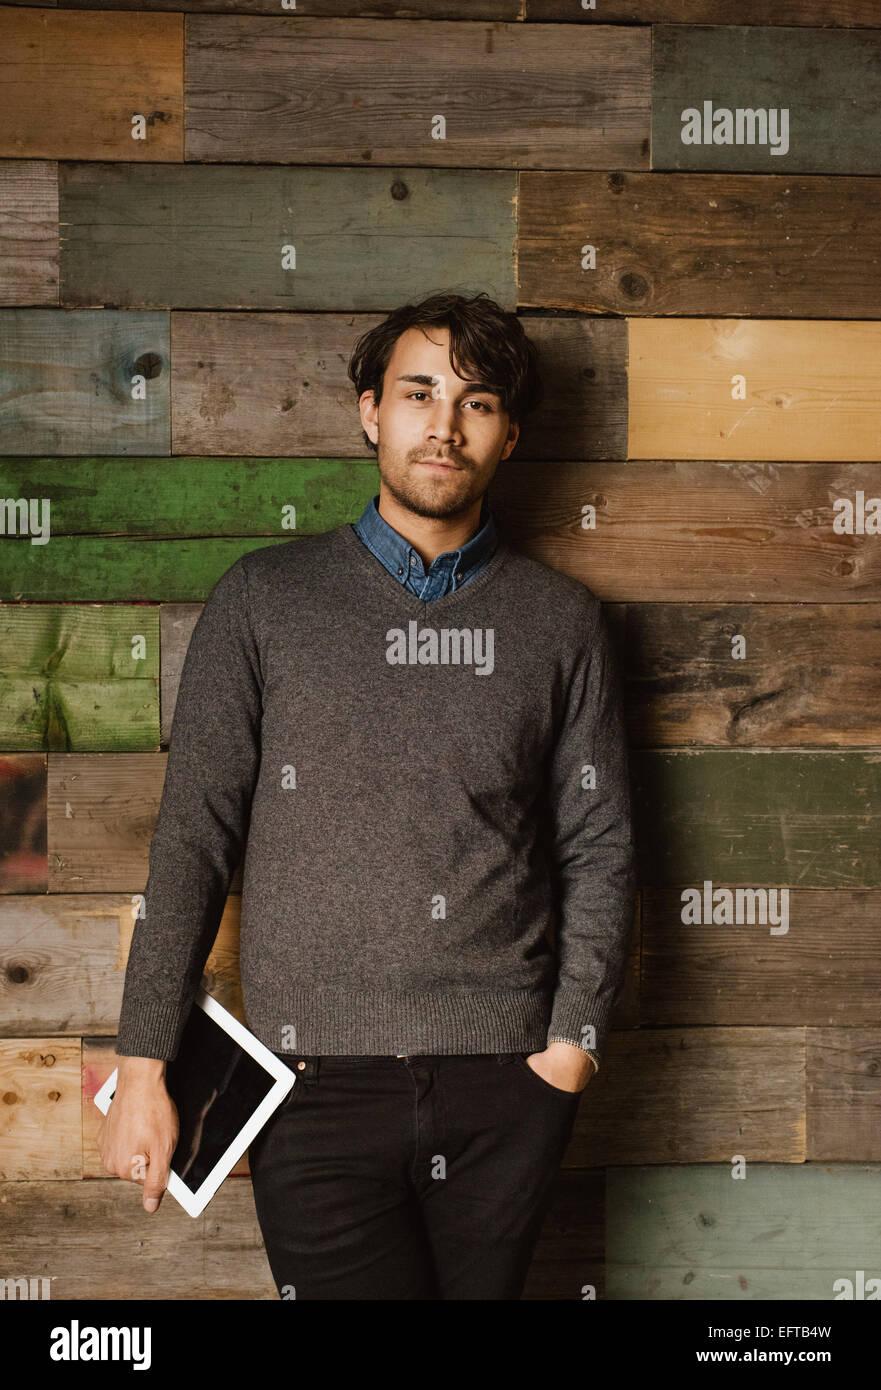 Ritratto di giovane imprenditore con una tavoletta digitale in piedi contro una parete in legno. Bel giovane esecutivo Immagini Stock